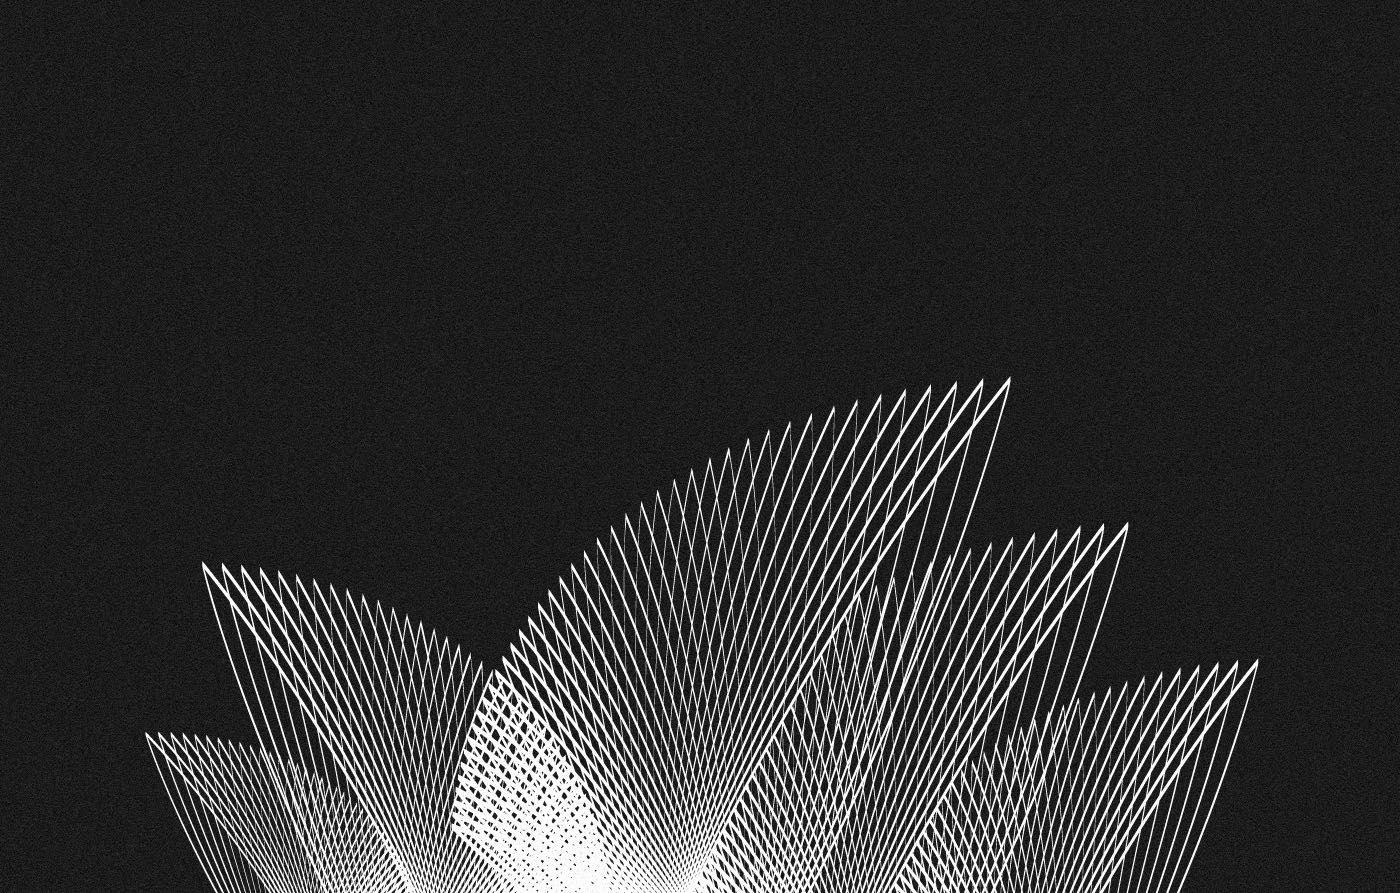 Architecture_Architectural_Illustration_Andrea_Minini_11